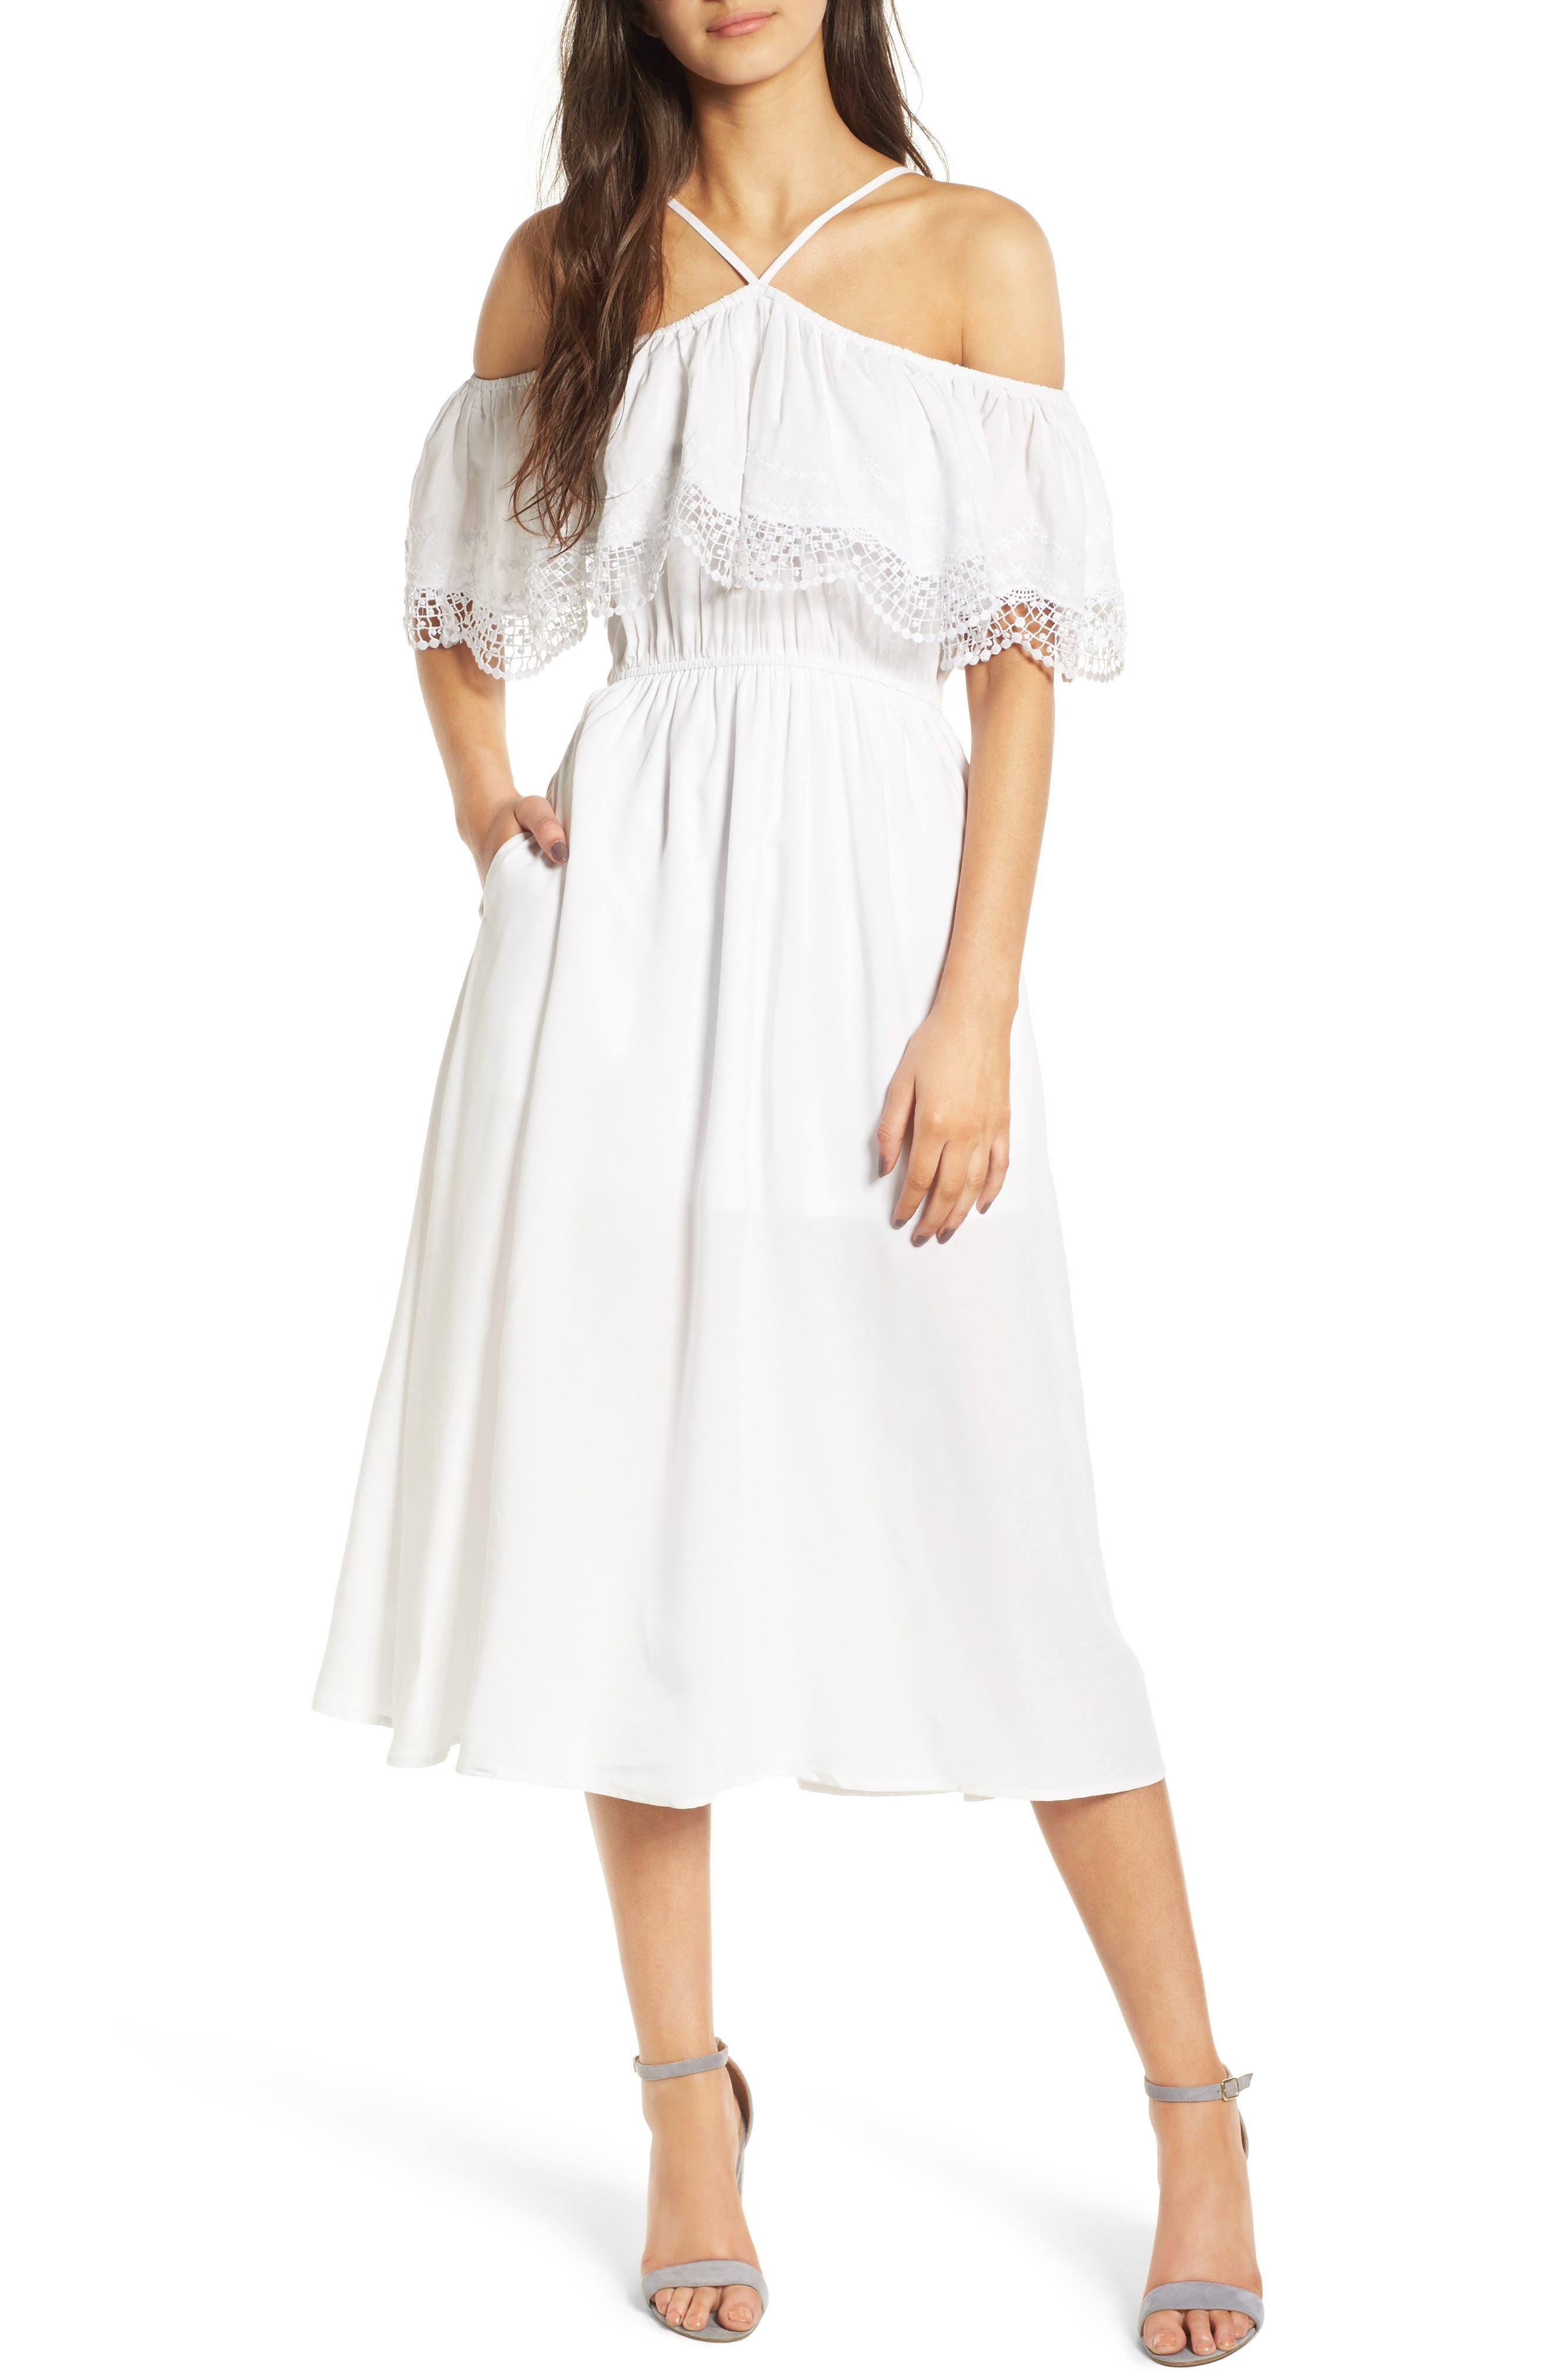 Main Image - Love, Fire Lace Trim Cold Shoulder Dress